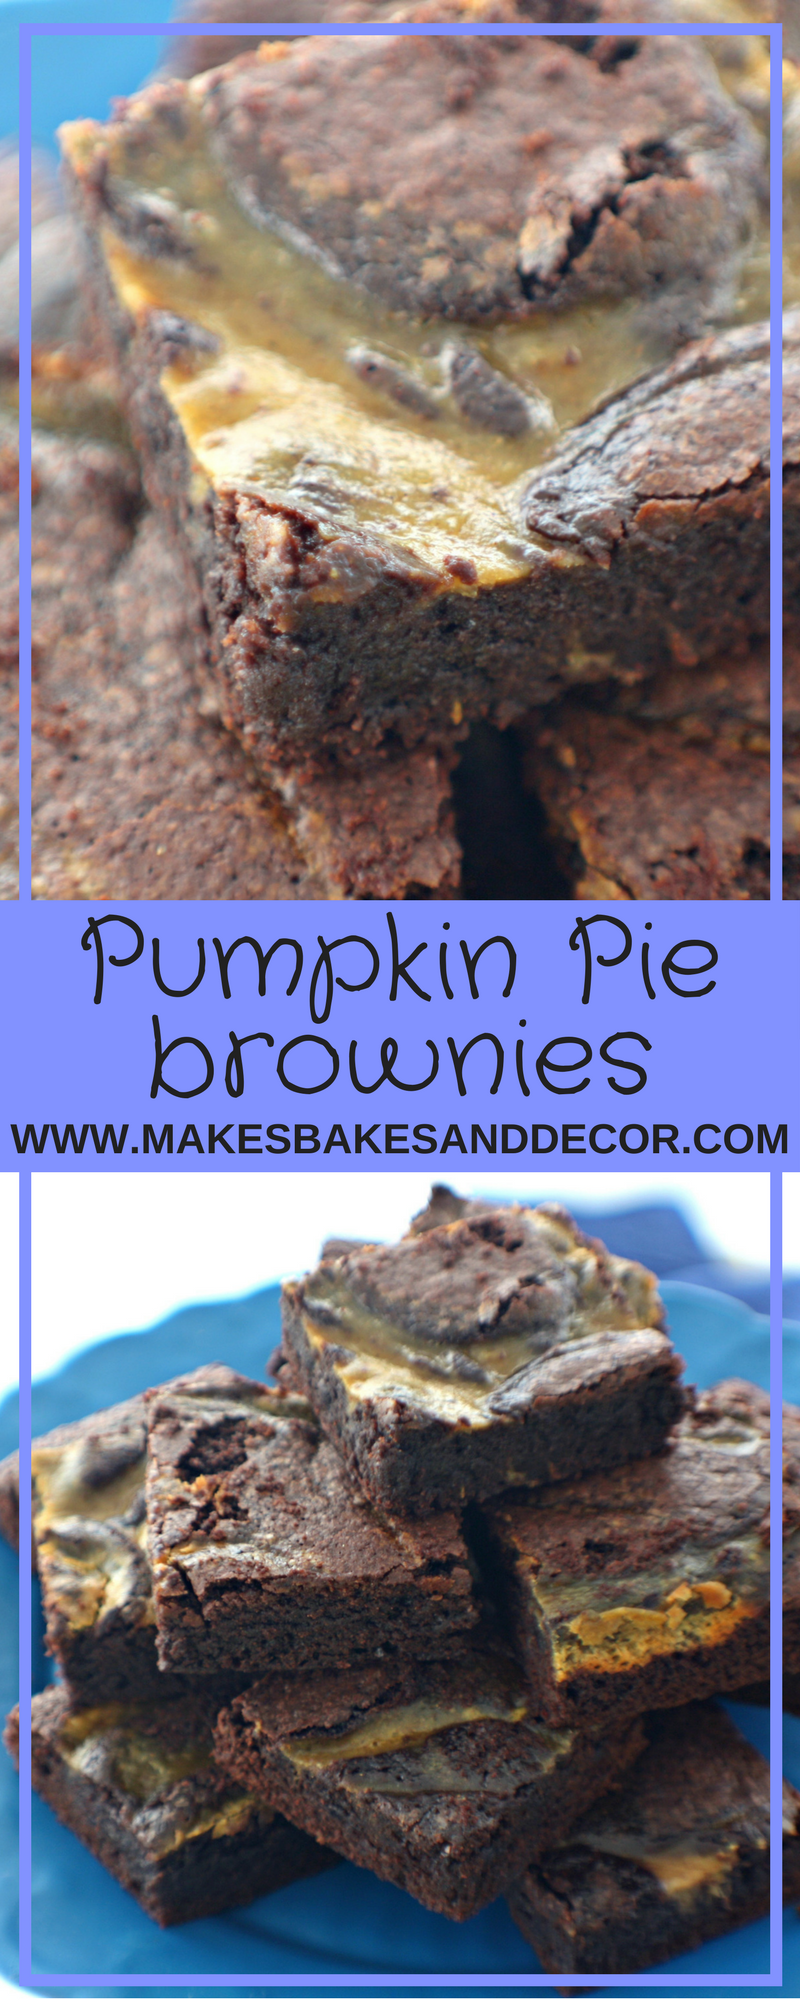 pumpkin pie brownies